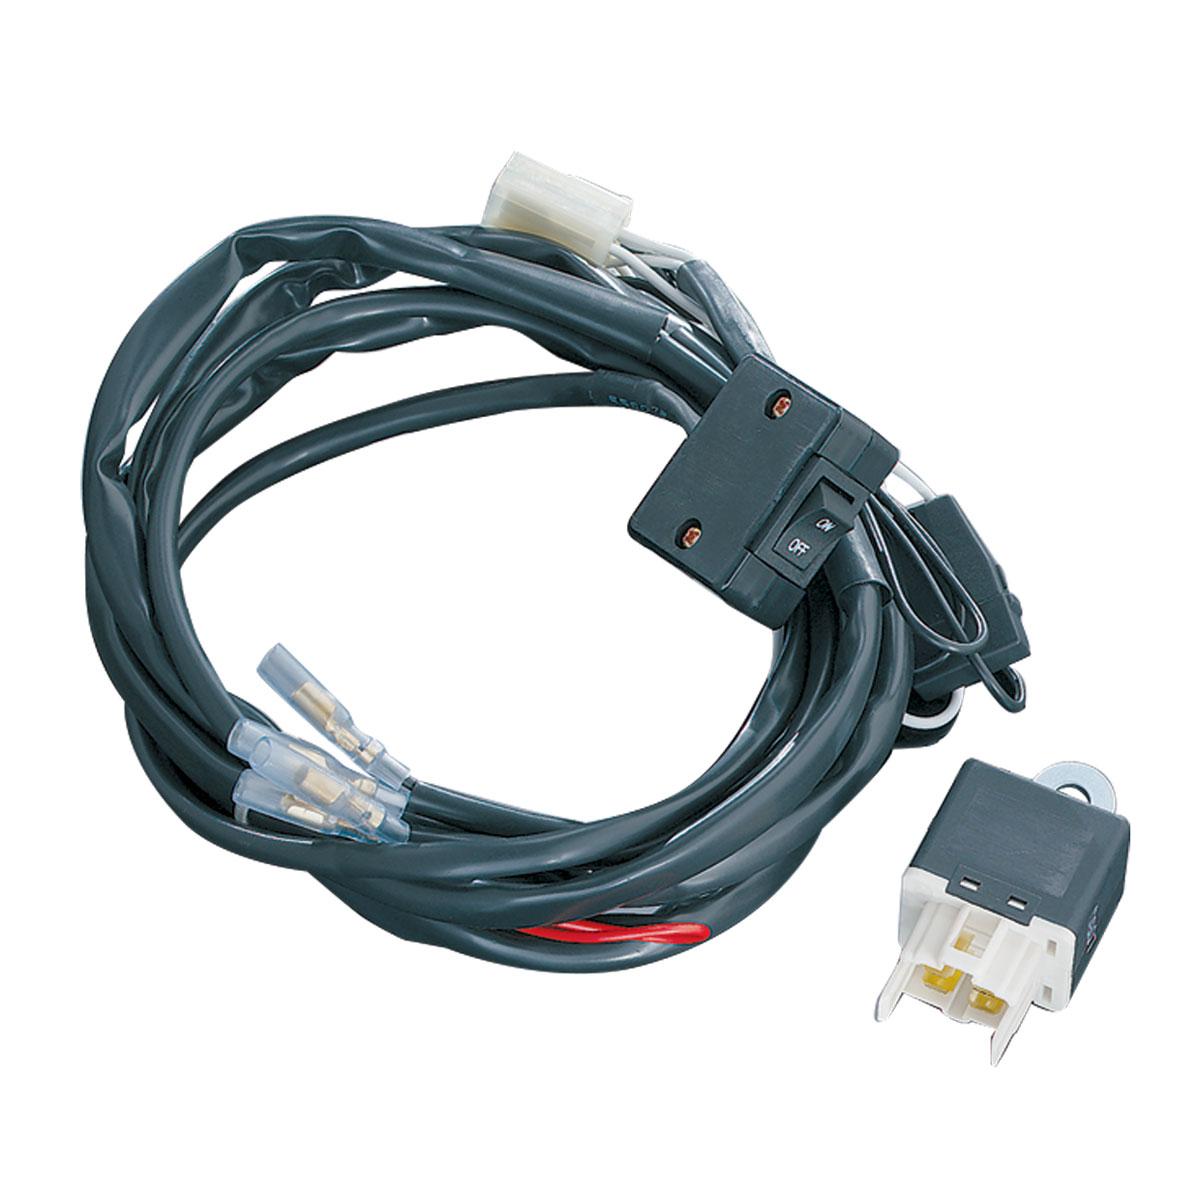 Kuryakyn Universal Wiring and Relay Kit - 2328 | JPCycles.com on wiper switch wiring, universal wiring harness, universal fuel gauge wiring, universal tail light wiring, dimmer switch wiring, fuel pump wiring,